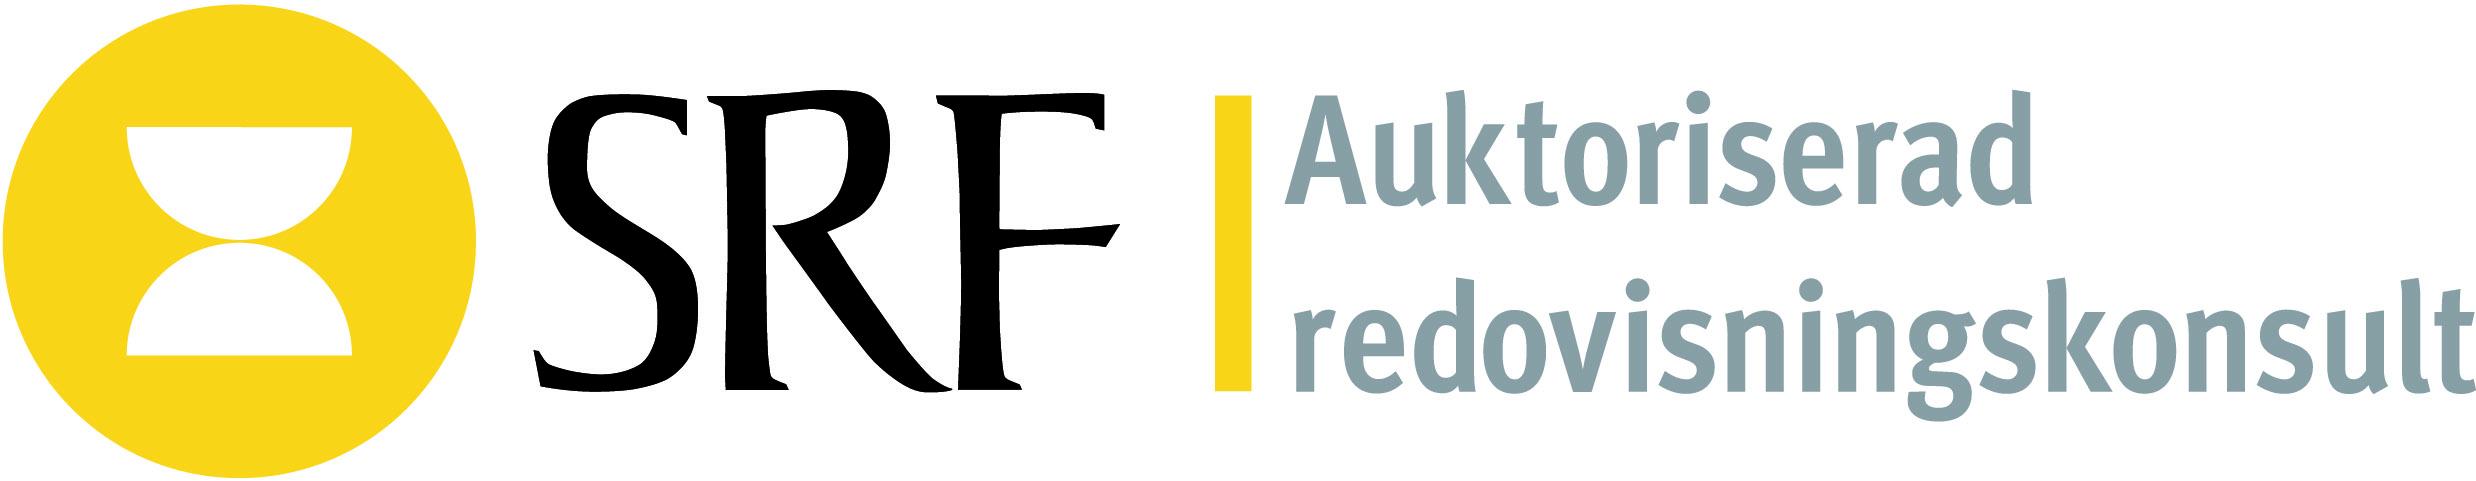 SRF-Auktoriserad_redovisningskonsult_CMYK-kopiera1